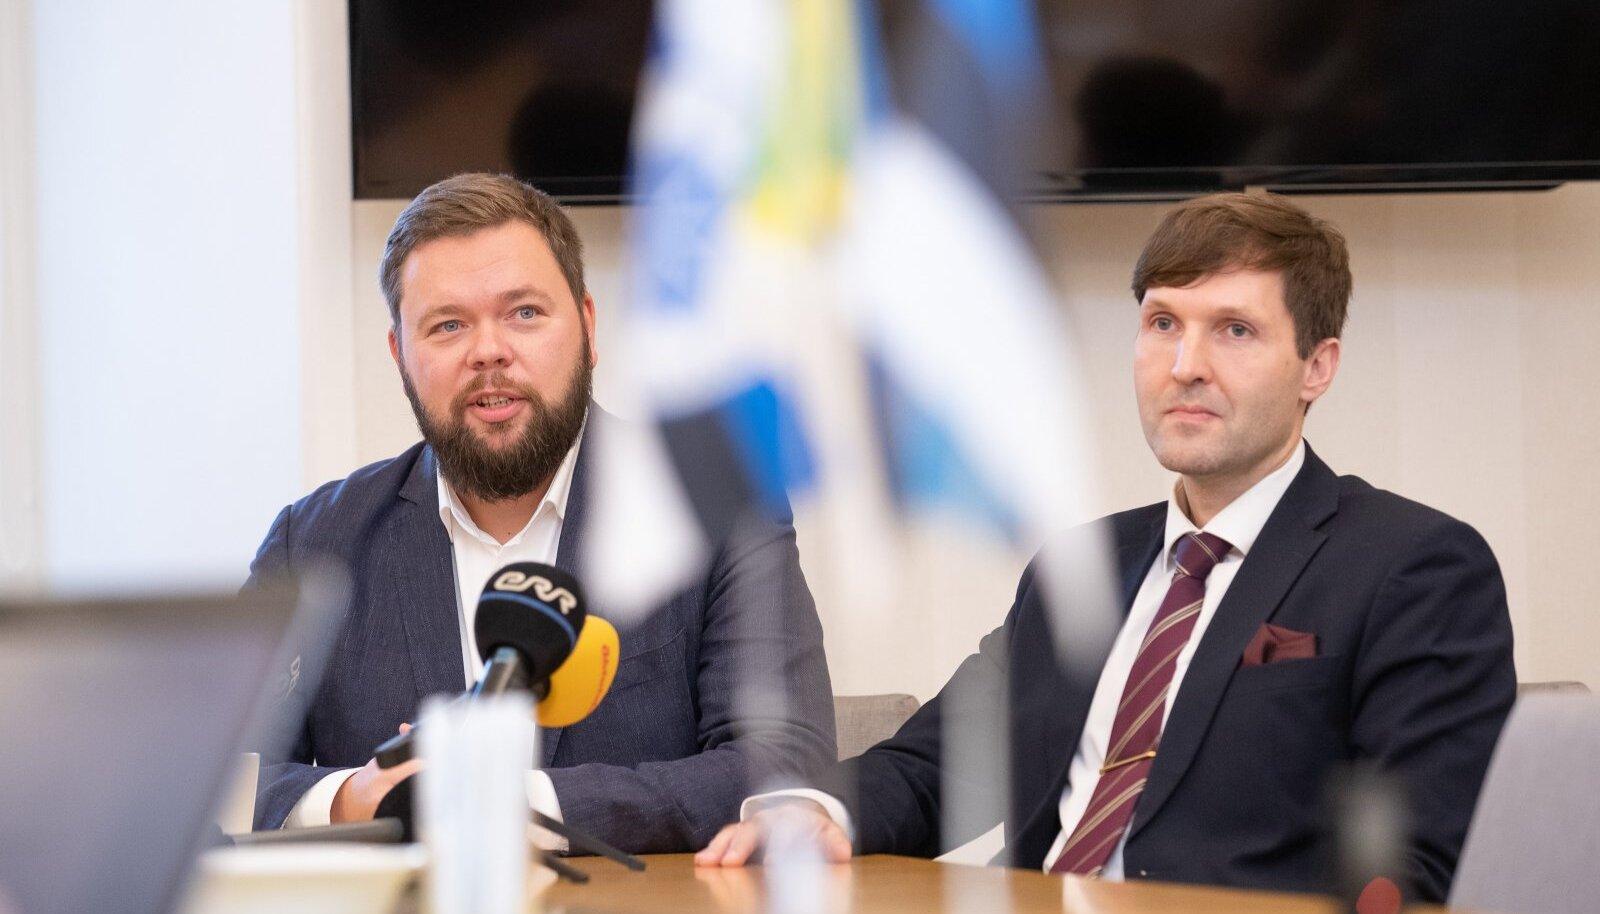 TEGI HEAD TÖÖD: Väliskaubandus- ja IT-ministri ametis oli Kaimar Karu üks väheseid EKRE ministreid, keda ka EKRE vastased talusid ja isegi kiitsid. Lõpuks mindi aga parteiga tüliga lahku.